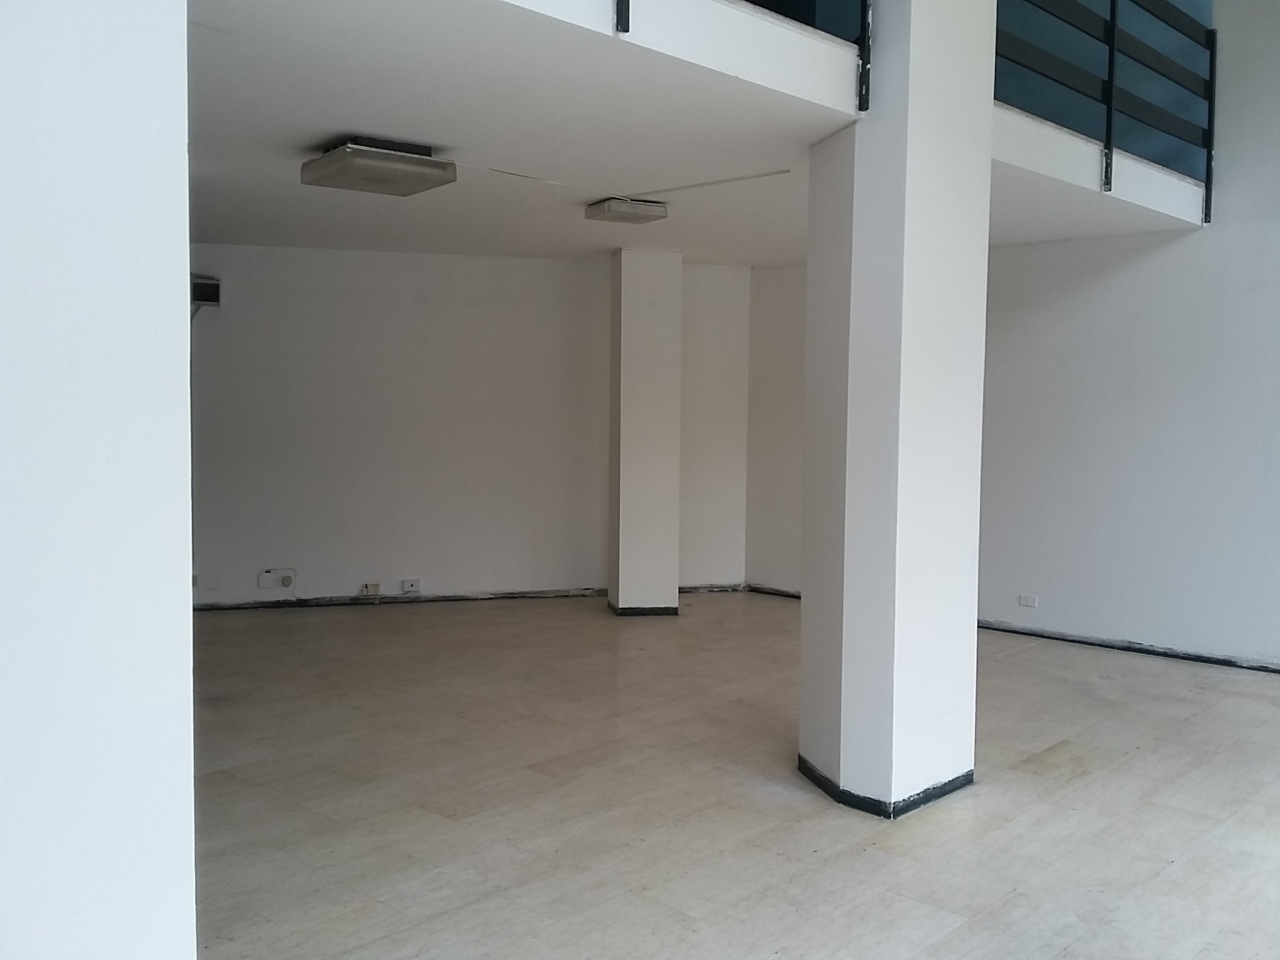 Negozio - 3 vetrine/luci a Centro, Somma Lombardo